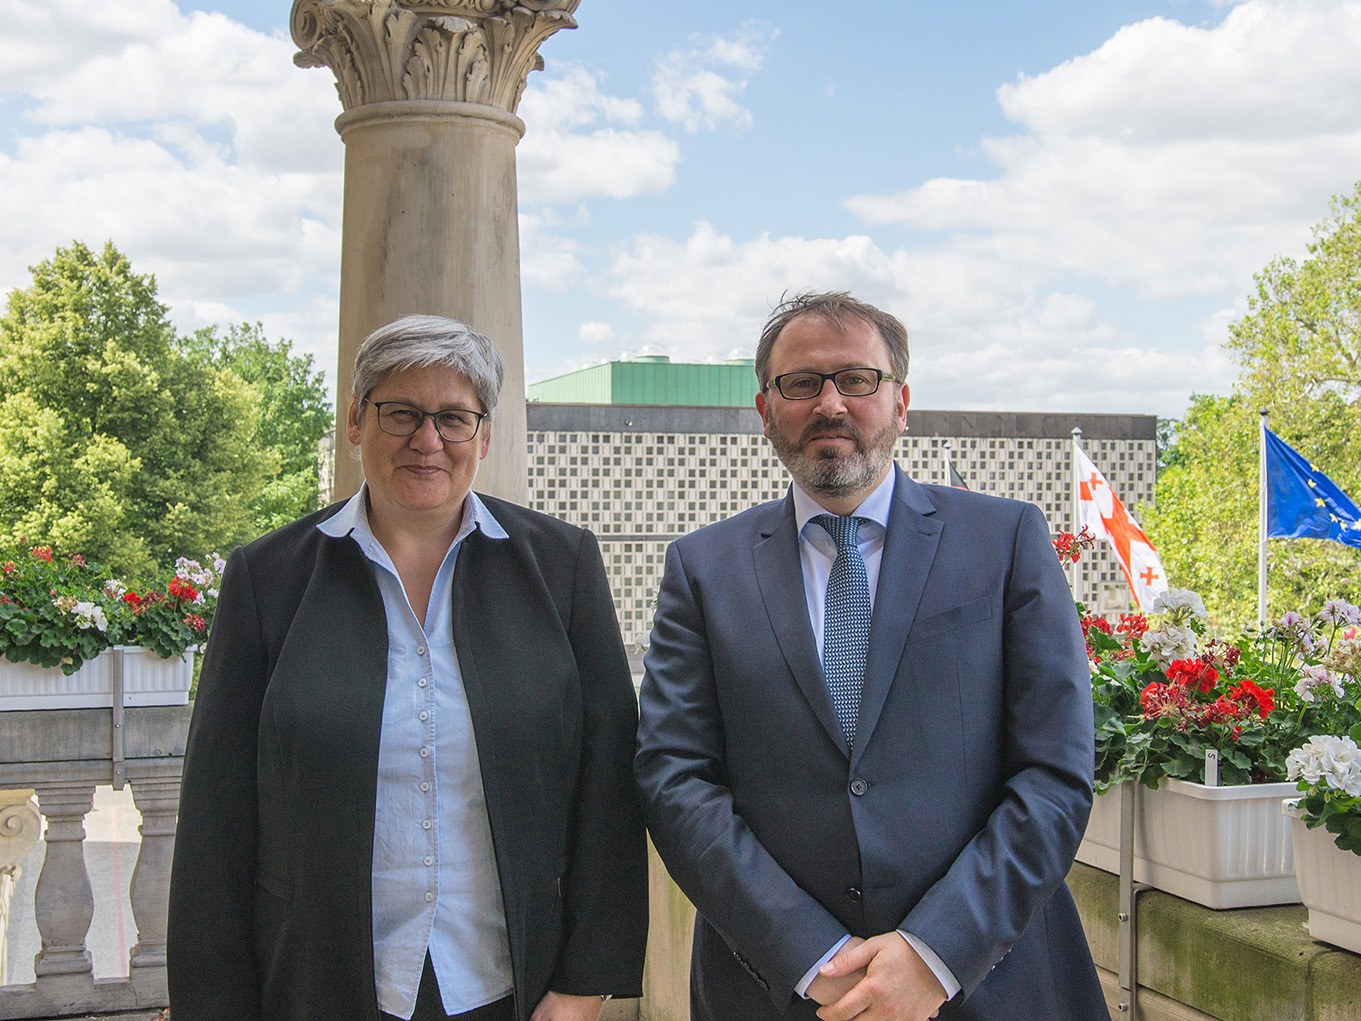 Die Erste Stadträtin Sabine Tegtmeyer-Dette und der georgische Botschafter Dr. Elguja Khokrishvili auf dem Balkon des Neuen Rathauses in Hannover.